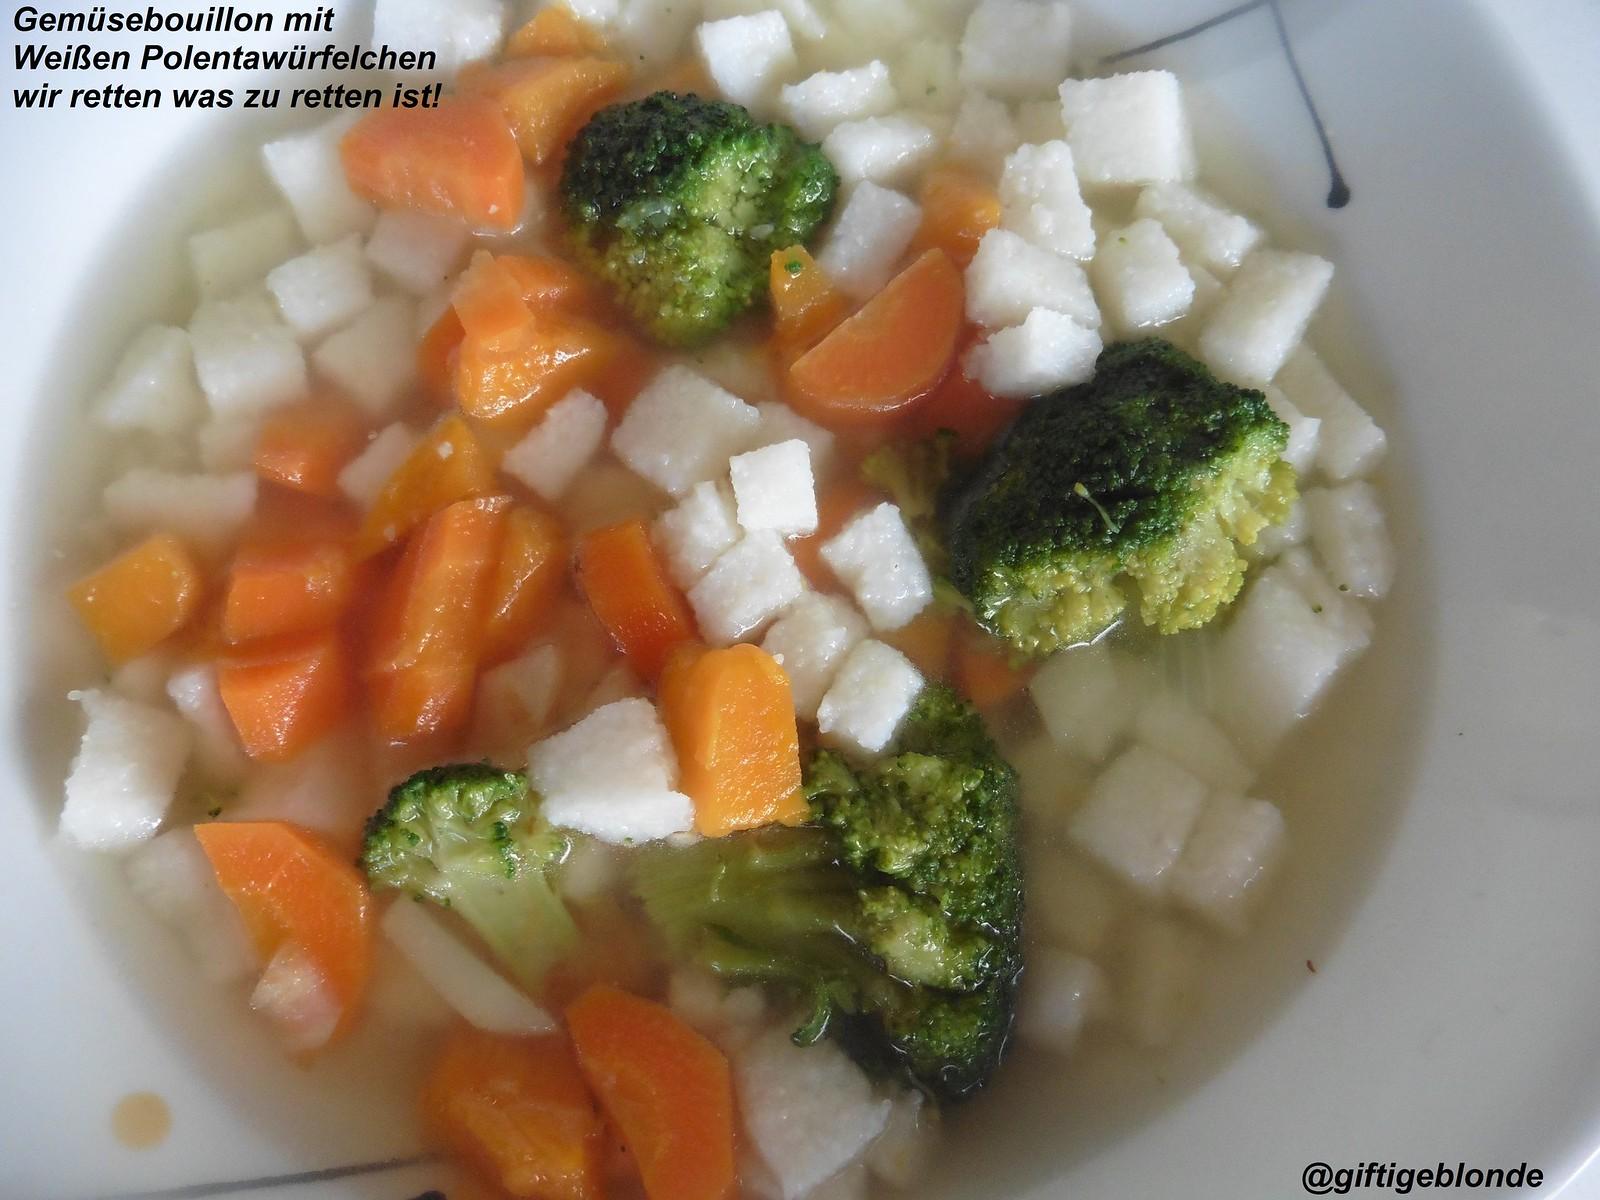 Gemüsebouillon mit Würfelchen aus weißem Polenta